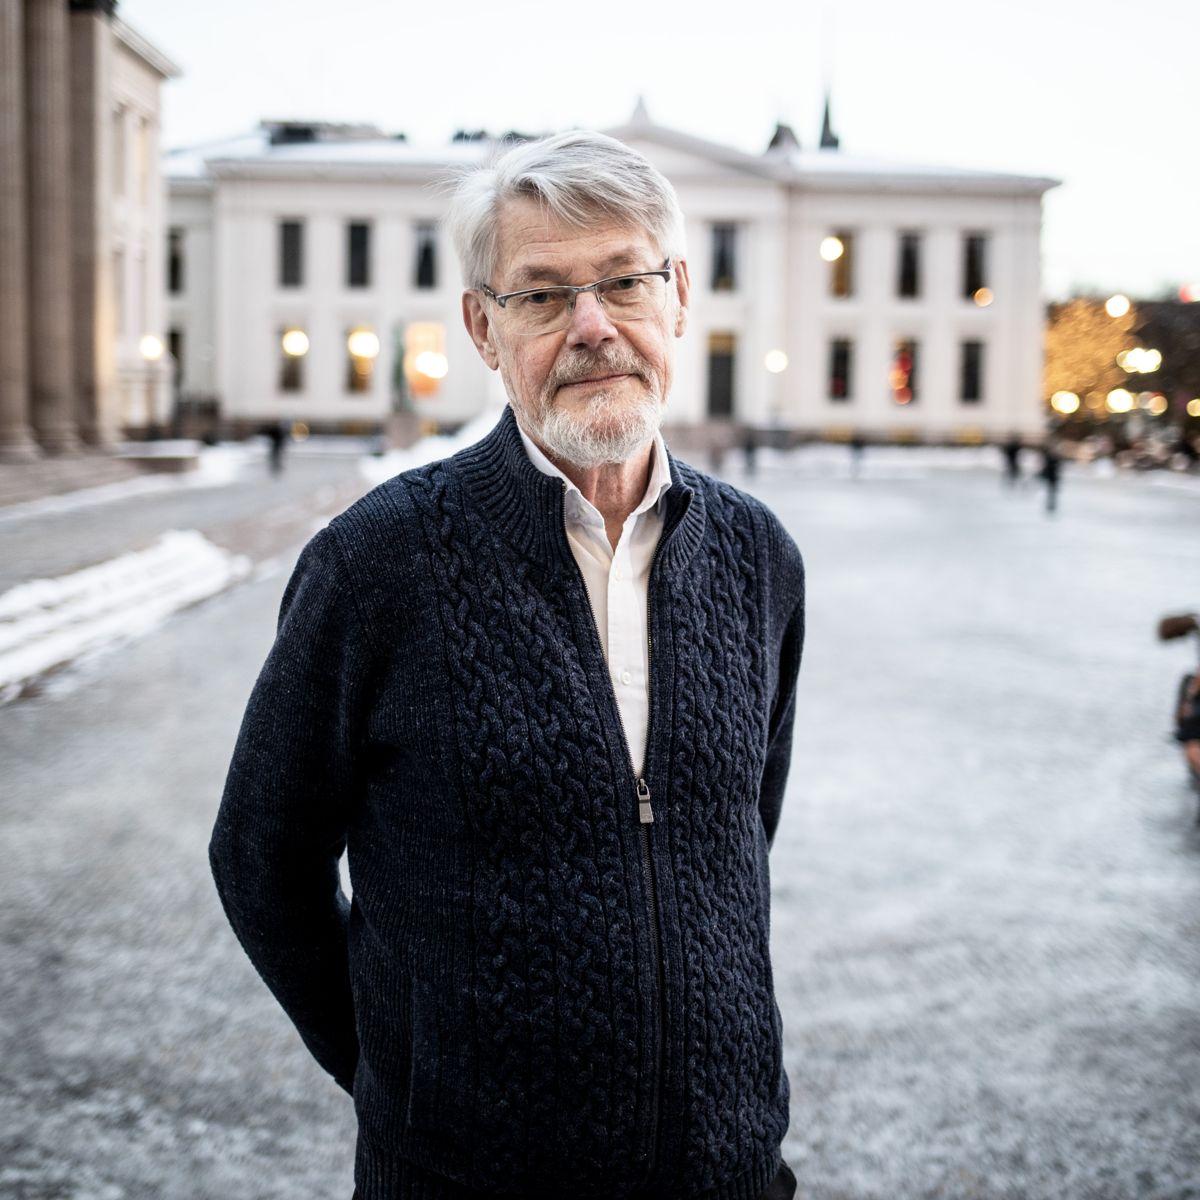 Alvorlig: Professor i offentlig rett Erik Magnus Boe mener at det kan virke som om ledelsen i Eidskog var valgt å misforstå forvaltningsloven. - Det er alvorlig, sier han.  Foto: Magnus Knutsen Bjørke